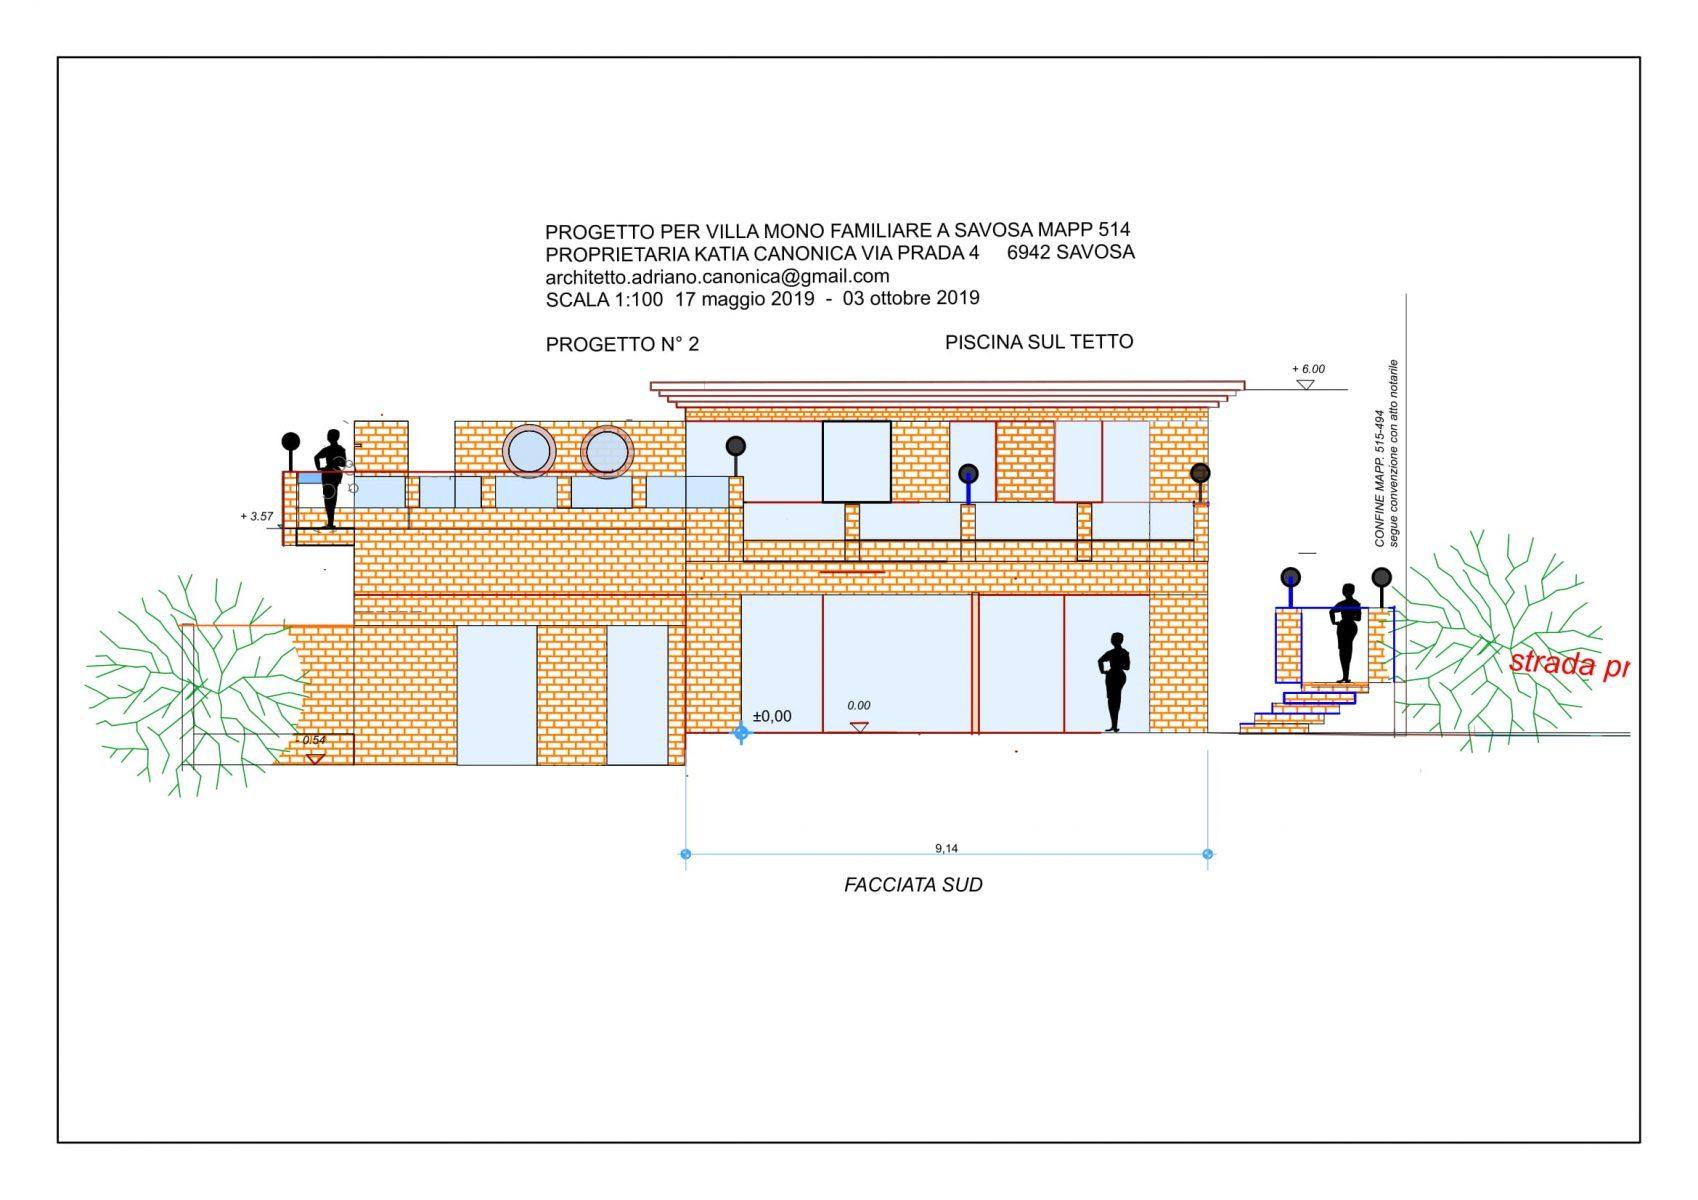 piscina-sul-tetto-facciata-sud-1-100-1